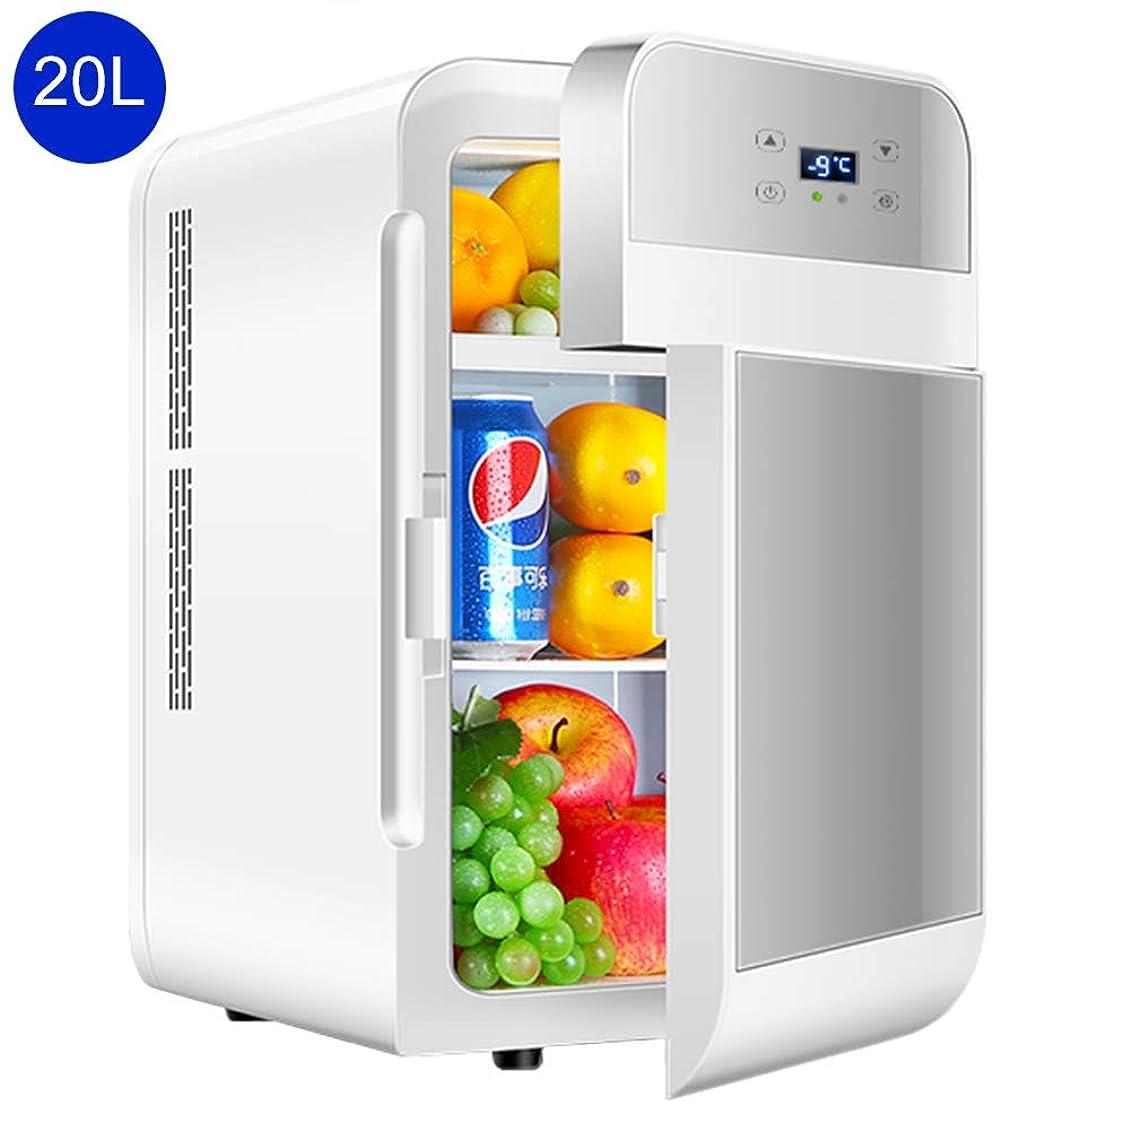 神秘的な身元動作20Lミニ小型冷蔵庫クーラー/ウォーマー、コンパクト、ポータブル冷蔵庫用飲み物温度調節付きホーム/カーキャンプパーティーとピクニックのためのデュアルユース、シルバー